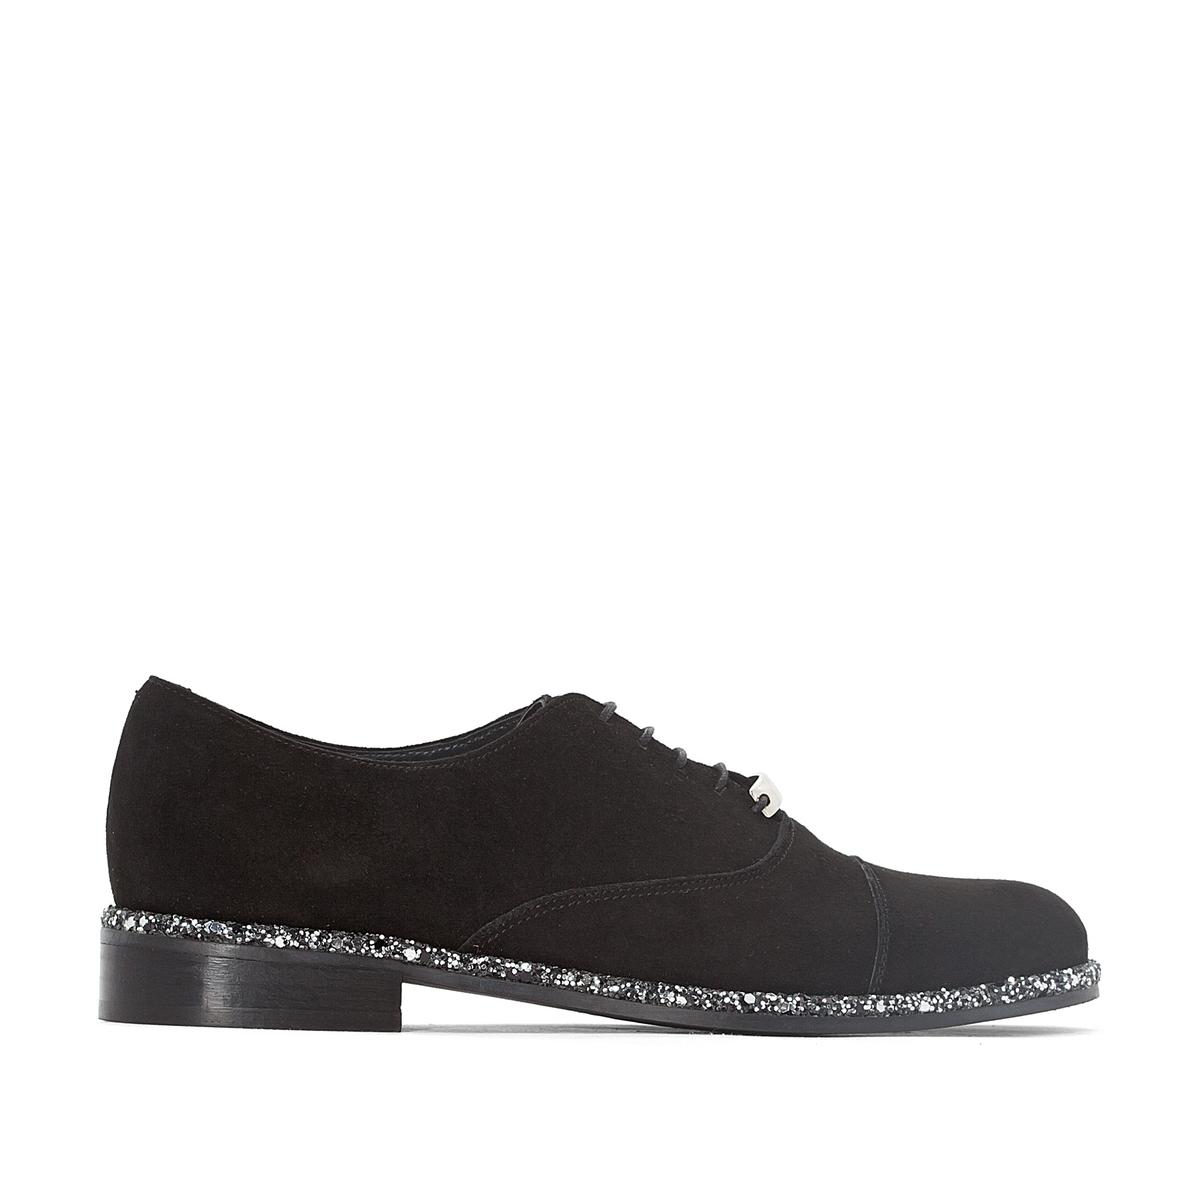 Ботинки-дерби кожаные Debis ботинки дерби под кожу питона